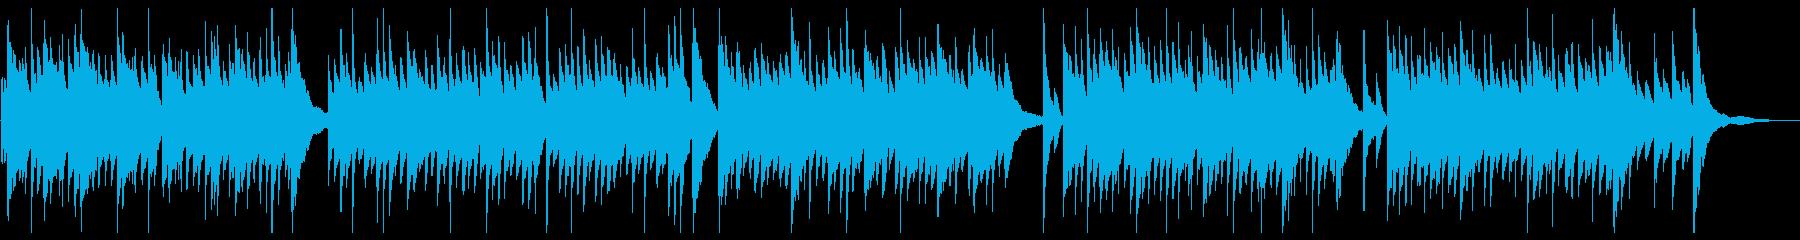 穏やかな午後のイメージのピアノソロの再生済みの波形